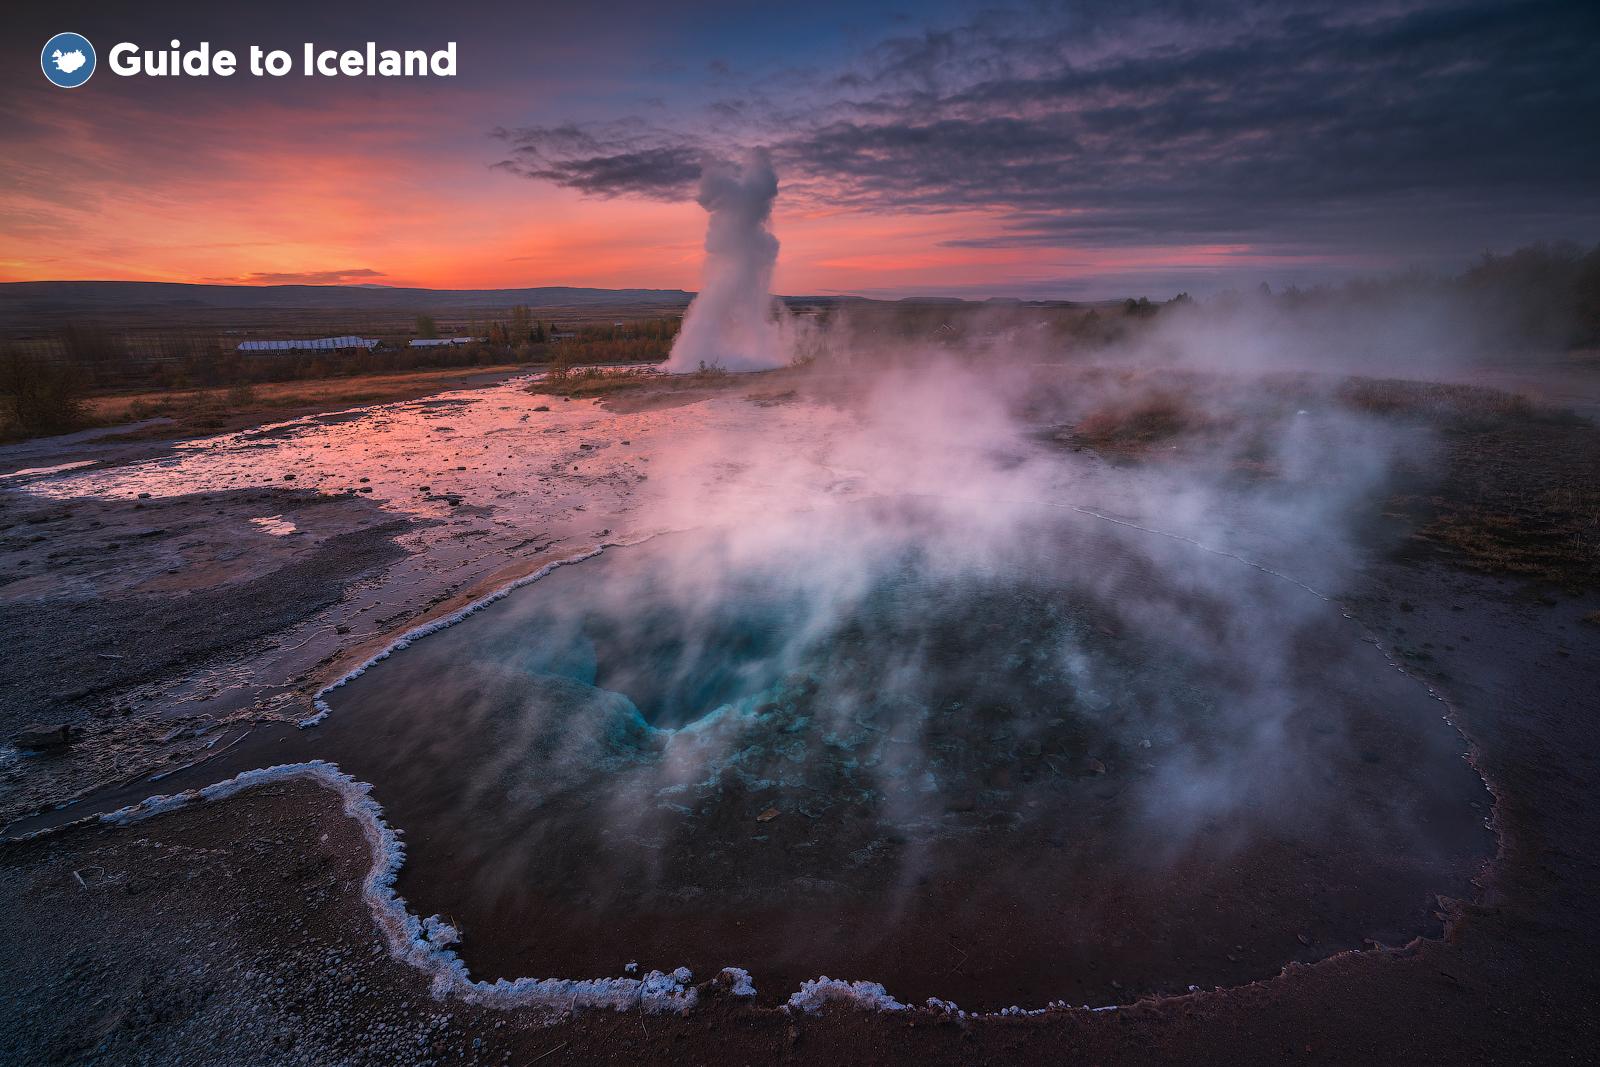 Entdecke auf dieser 3-tägigen Winter-Mietwagenreise Islands beliebteste Attraktionen wie zum Beispiel die am Golden Circle.